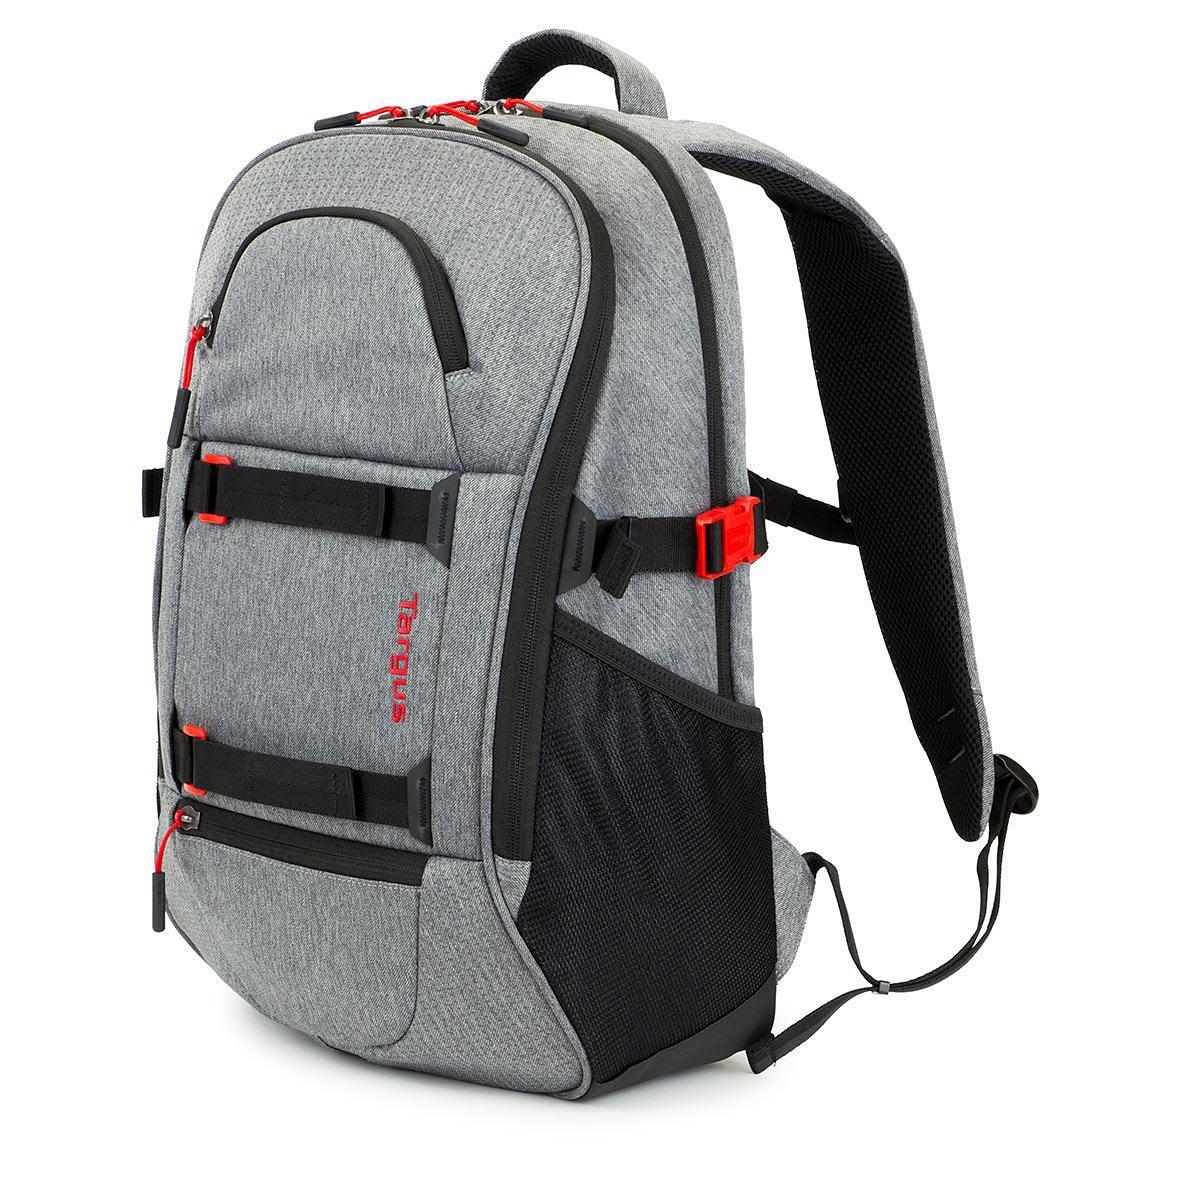 Рюкзак городской пластик рюкзаки для походов 100литров